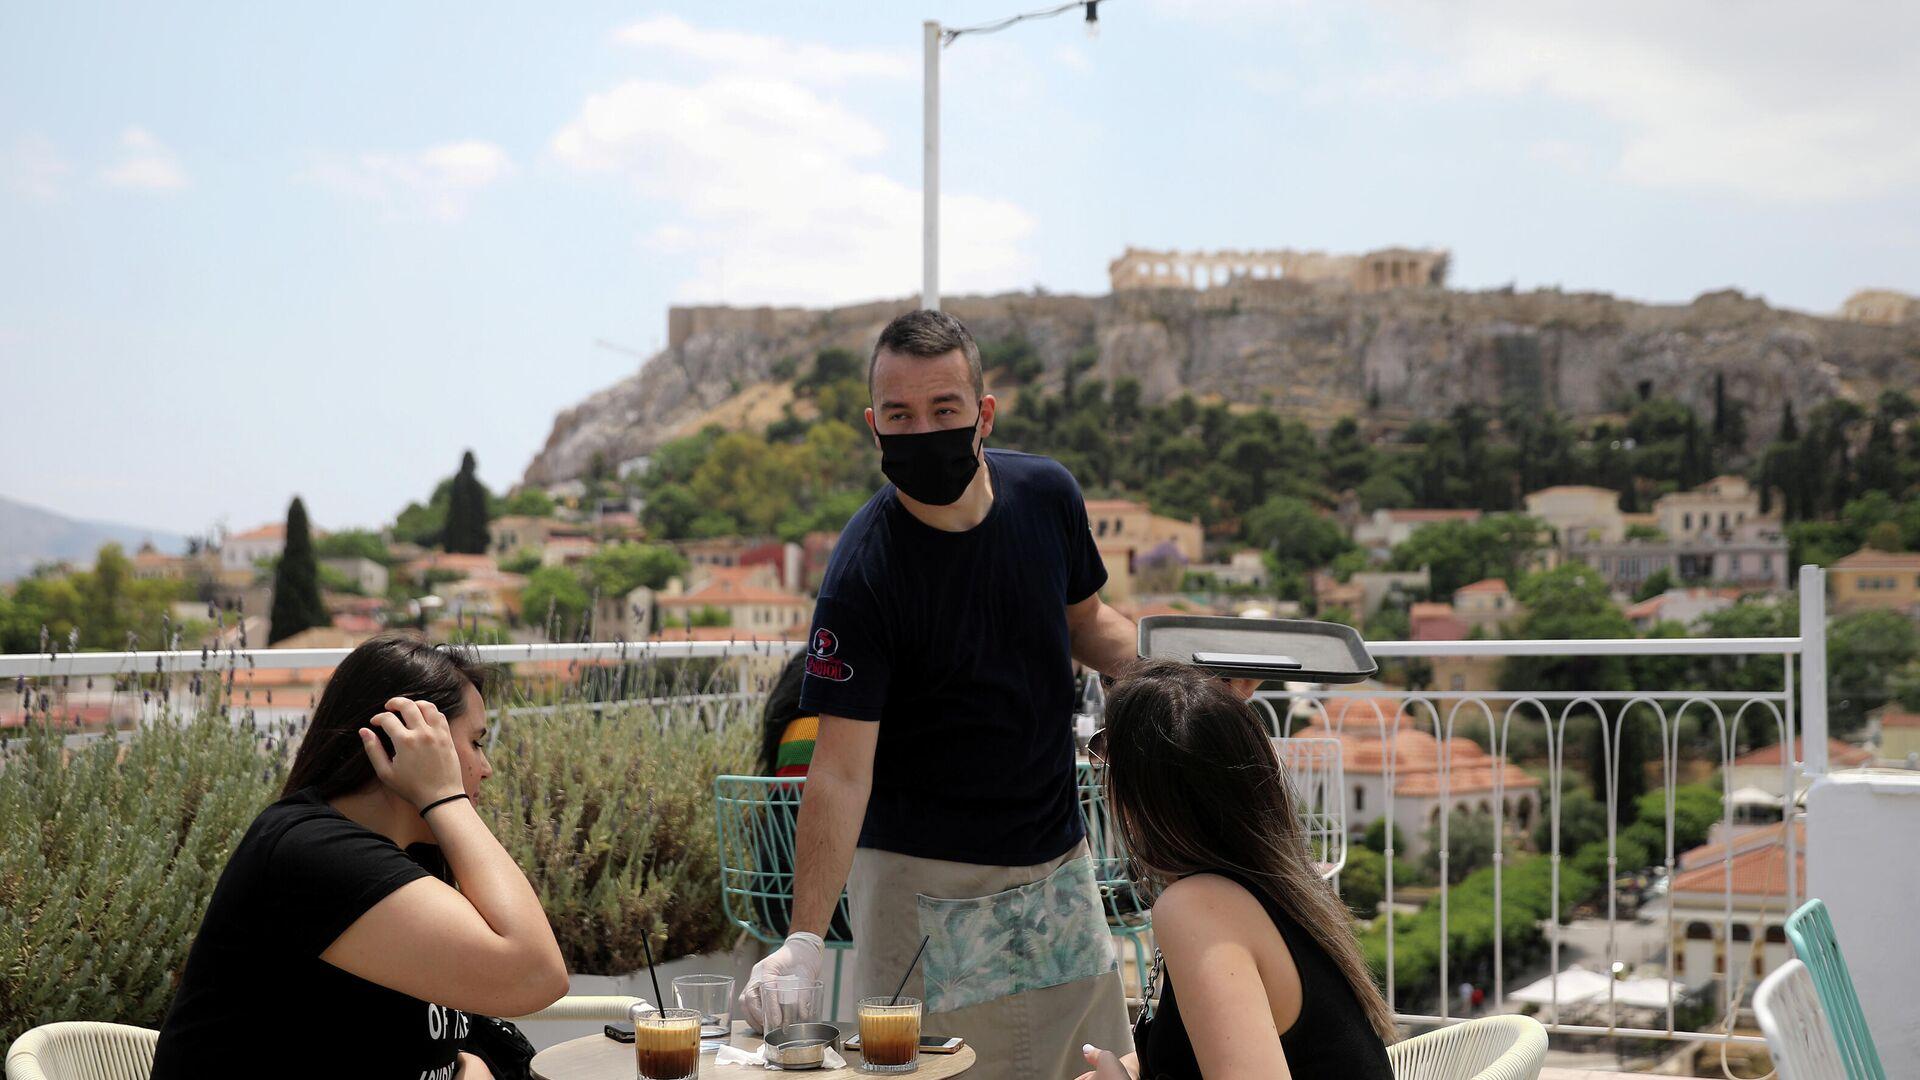 Посетители кафе в Афинах  - РИА Новости, 1920, 20.12.2020